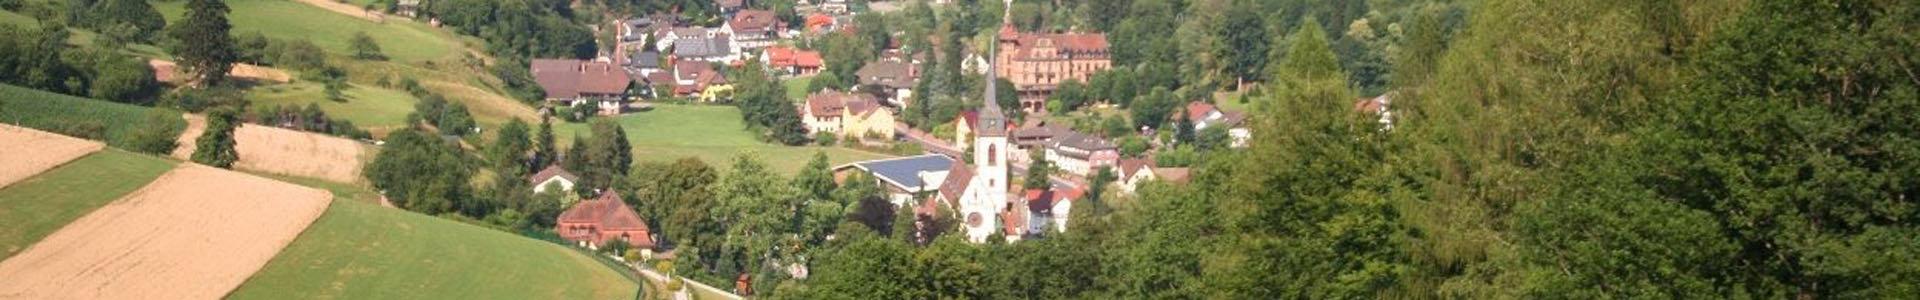 Quelle:  Gemeinde Nordrach